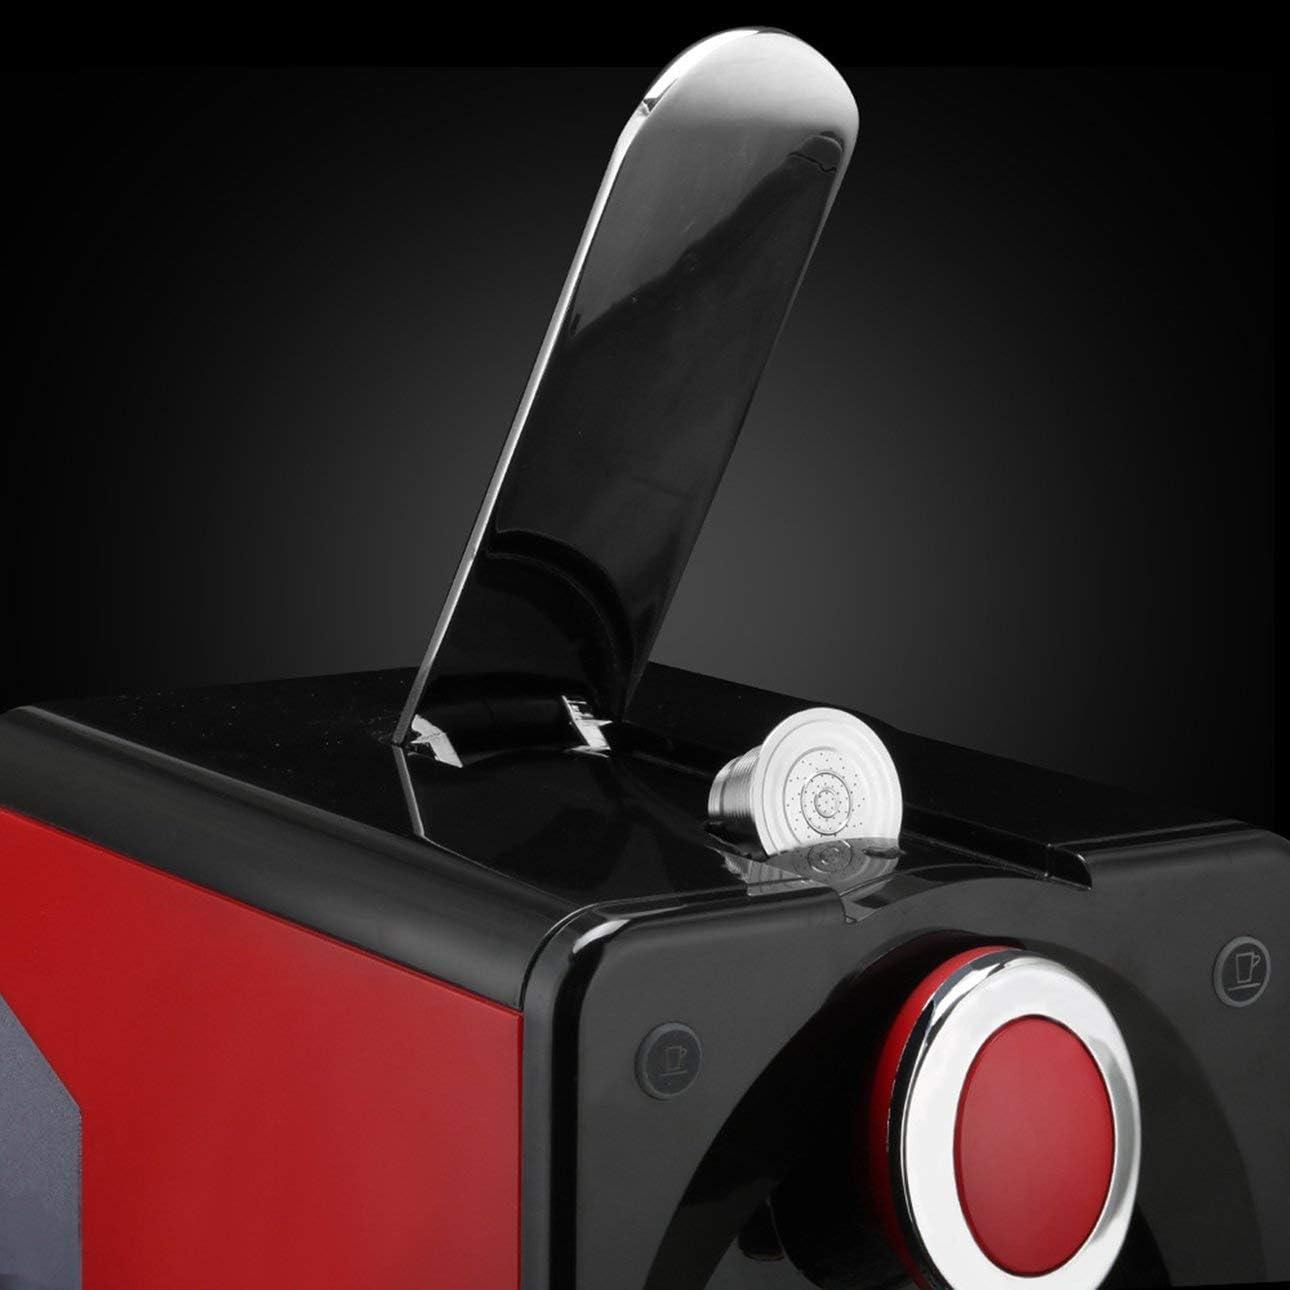 Ba30DEllylelly Tamper gocciolatore con filtro per capsule ricaricabili in acciaio inossidabile compatibile con macchina da caff/è Nespresso U.